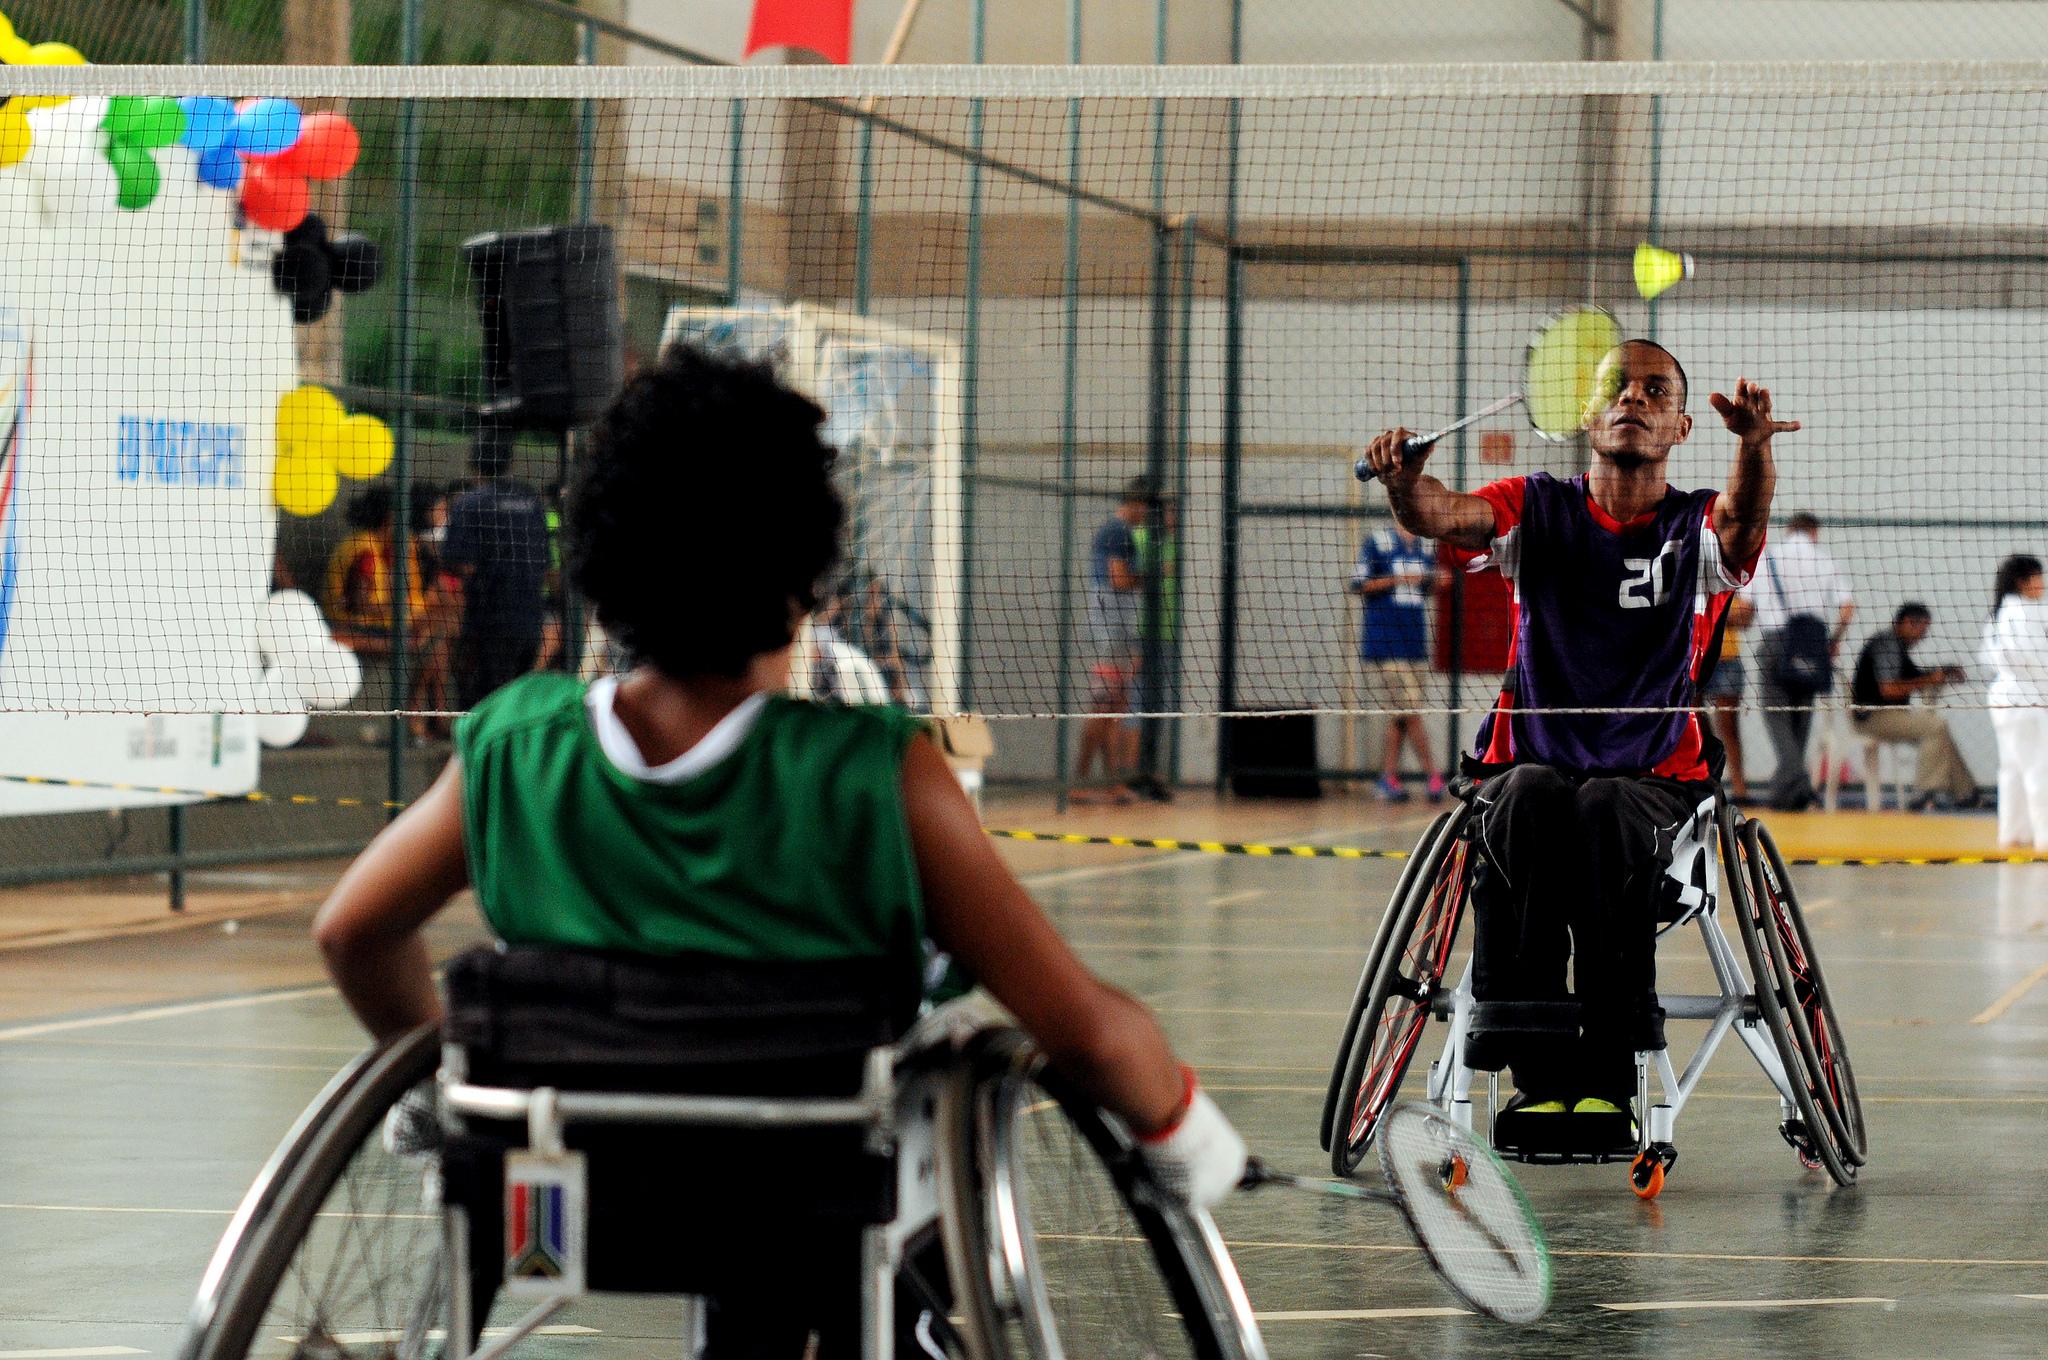 """Mantidas as atividades regulares e de lazer nos centros olímpicos e paralímpicos, com atendimento a:  <ul>     <li>1.020 alunos com deficiência em 2015</li>      <li>1.383 alunos com deficiência em 2016</li>      <li>1.353 alunos com deficiência em 2017</li>      <li>1.111 alunos com deficiência em 2018 (Dados com base no mês de setembro)</li> </ul> Ao todo, 12 centros olímpicos ofertam atividades em 25 modalidades esportivas. Mais informações sobre atendimentos, modalidades, localização, requisitos, contatos, entre outros, podem ser acessadas pelo site da secretaria: (<a href=""""http://www.esporte.df.gov.br/informacoes-gerais-2/"""">Link aqui</a>)."""